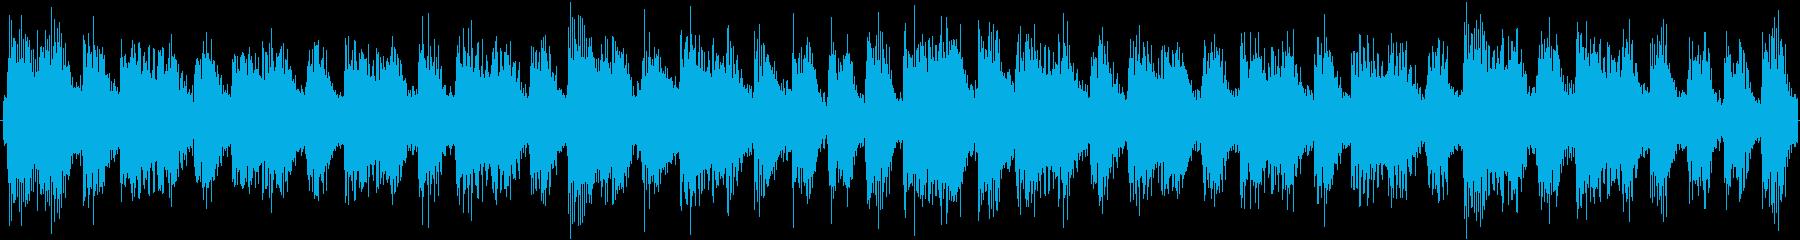 淡々と繰り返されるシンセサイザーのルー…の再生済みの波形